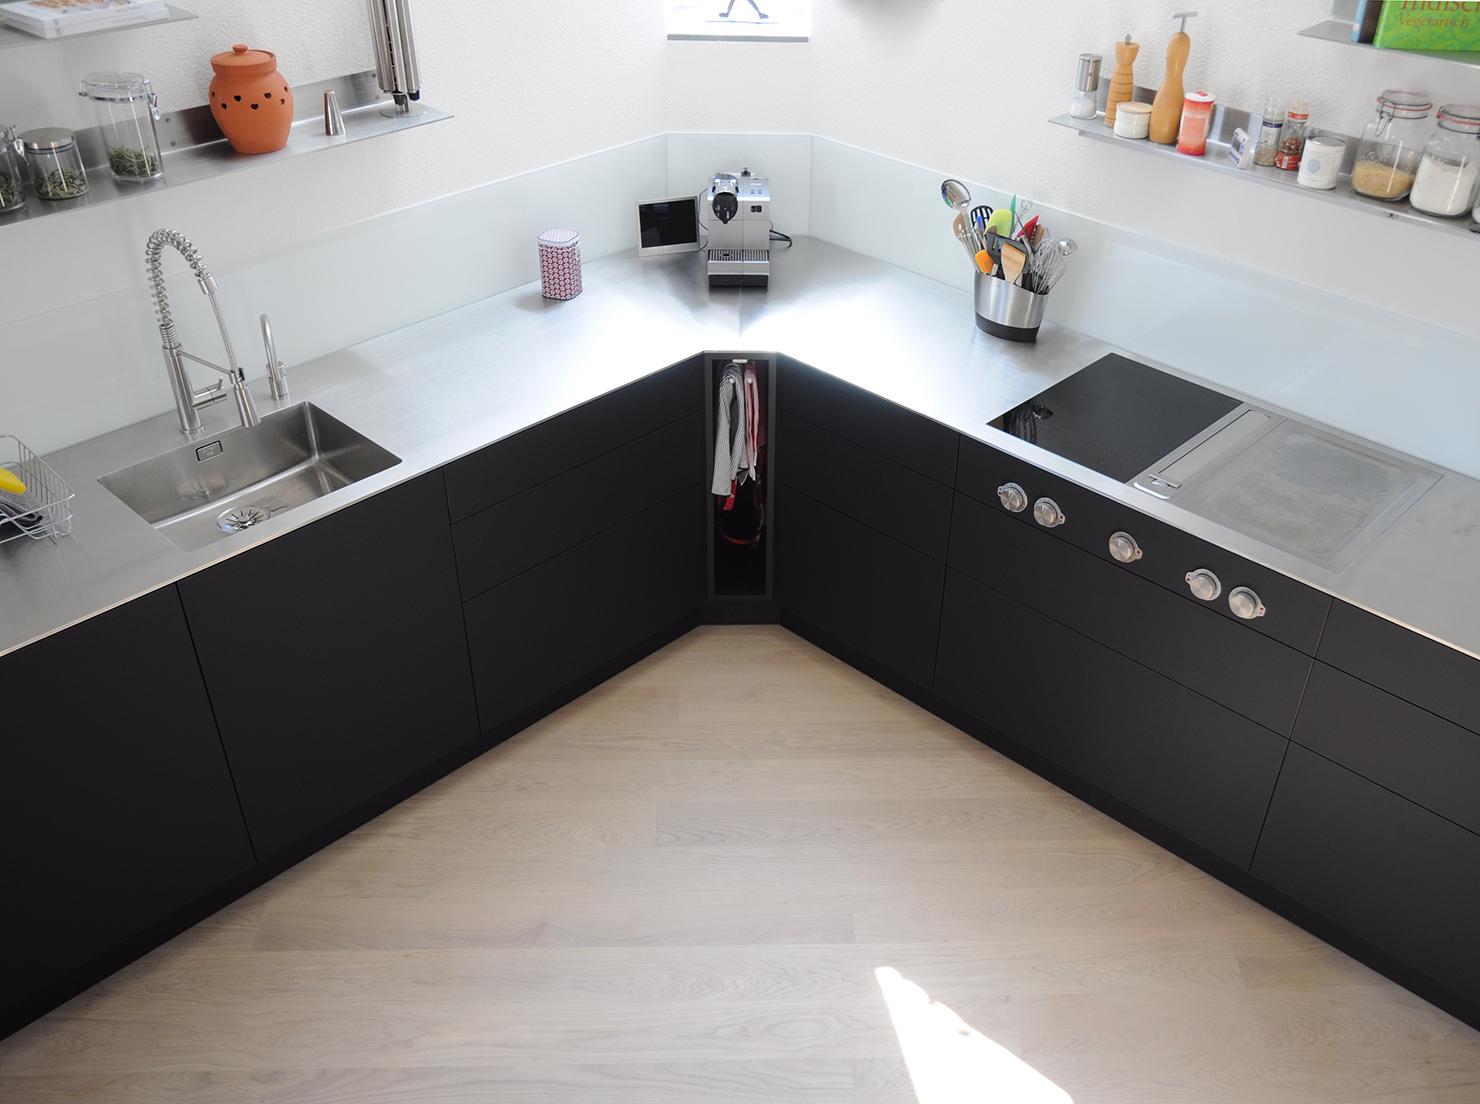 Küchen - WIPF+CO.AG Der Küchen SCHREINER - Wipf + CO. AG